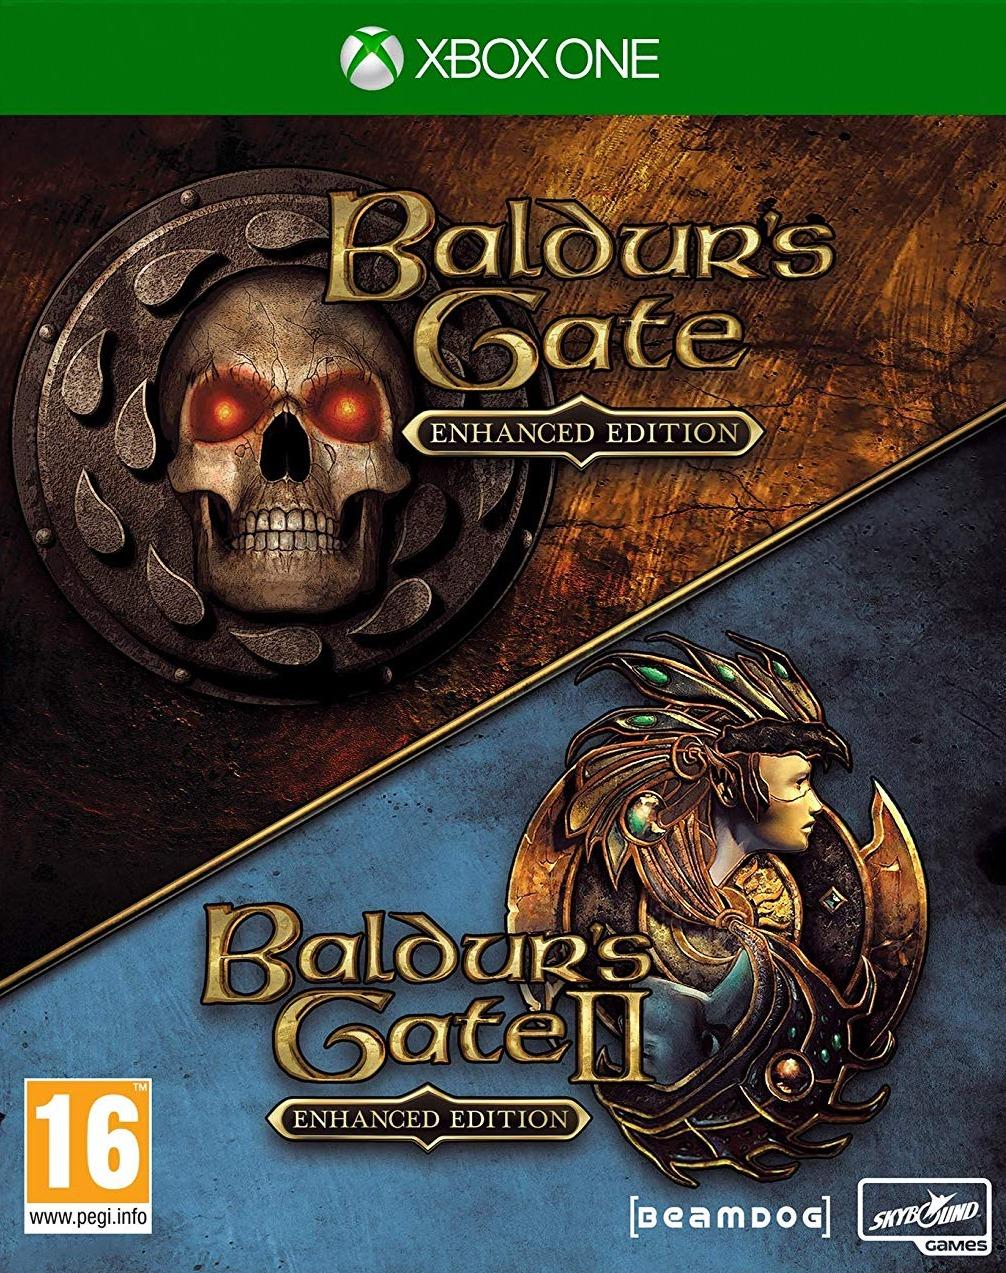 Baldurs Gate I & II: Enhanced Edition (XONE)